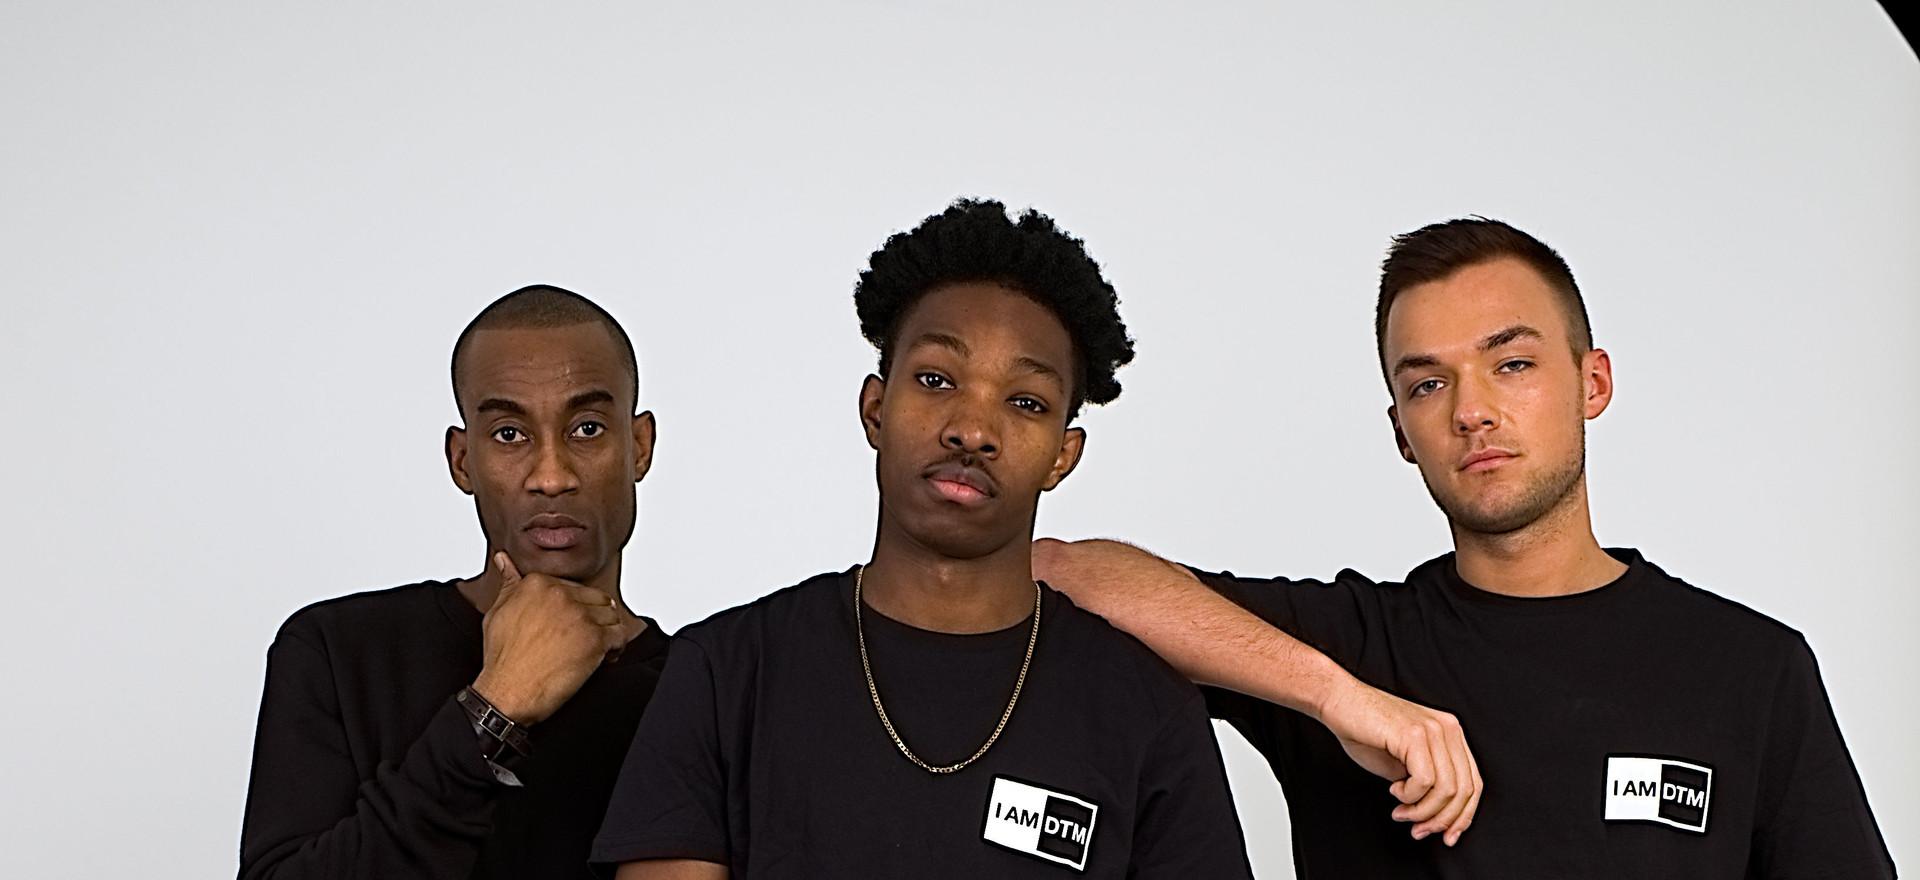 Reg, Bobby & James